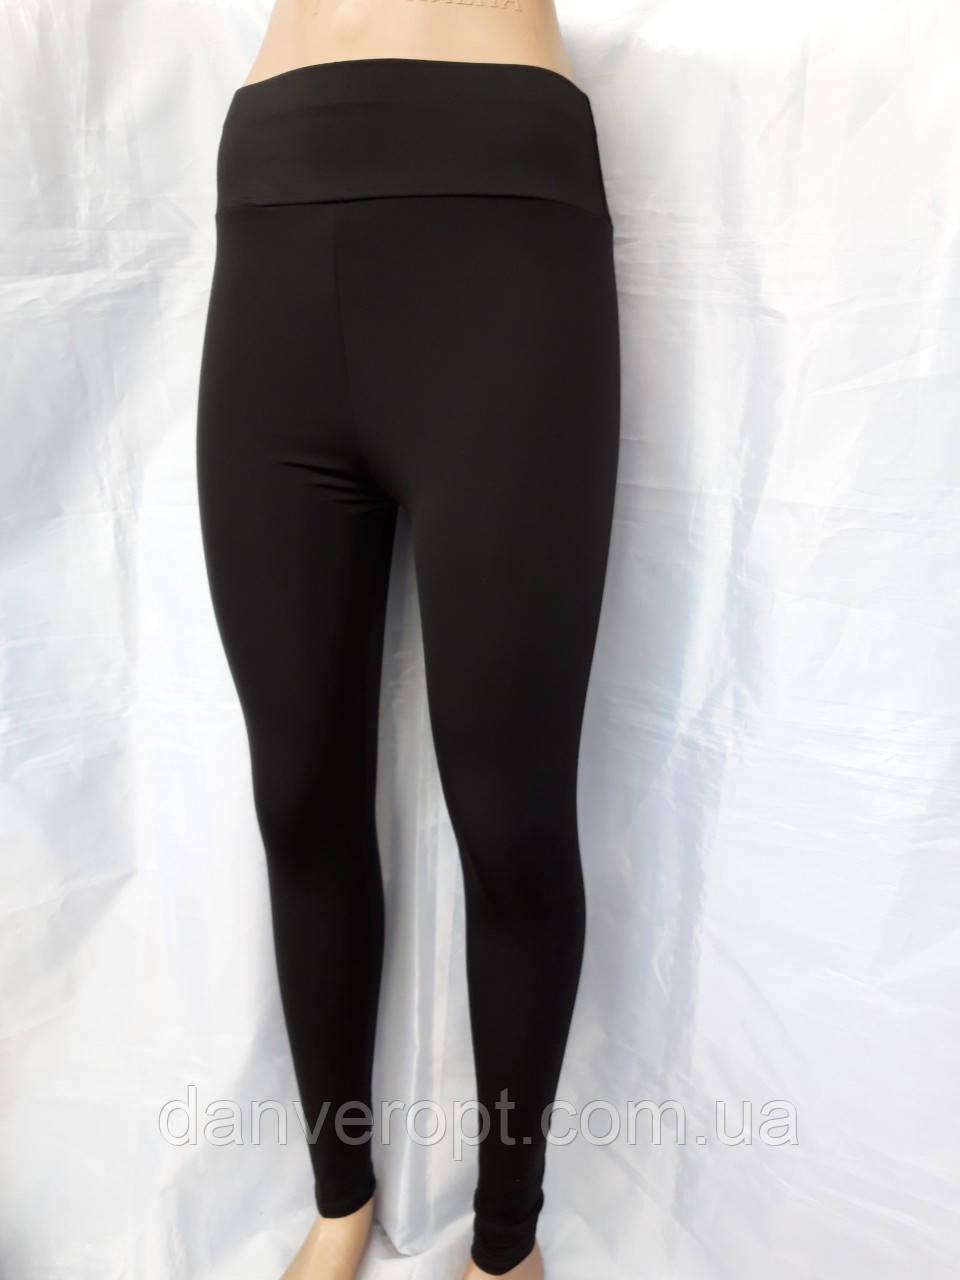 Лосины женские модные стильные размер 44-50 купить оптом со склада 7км Одесса